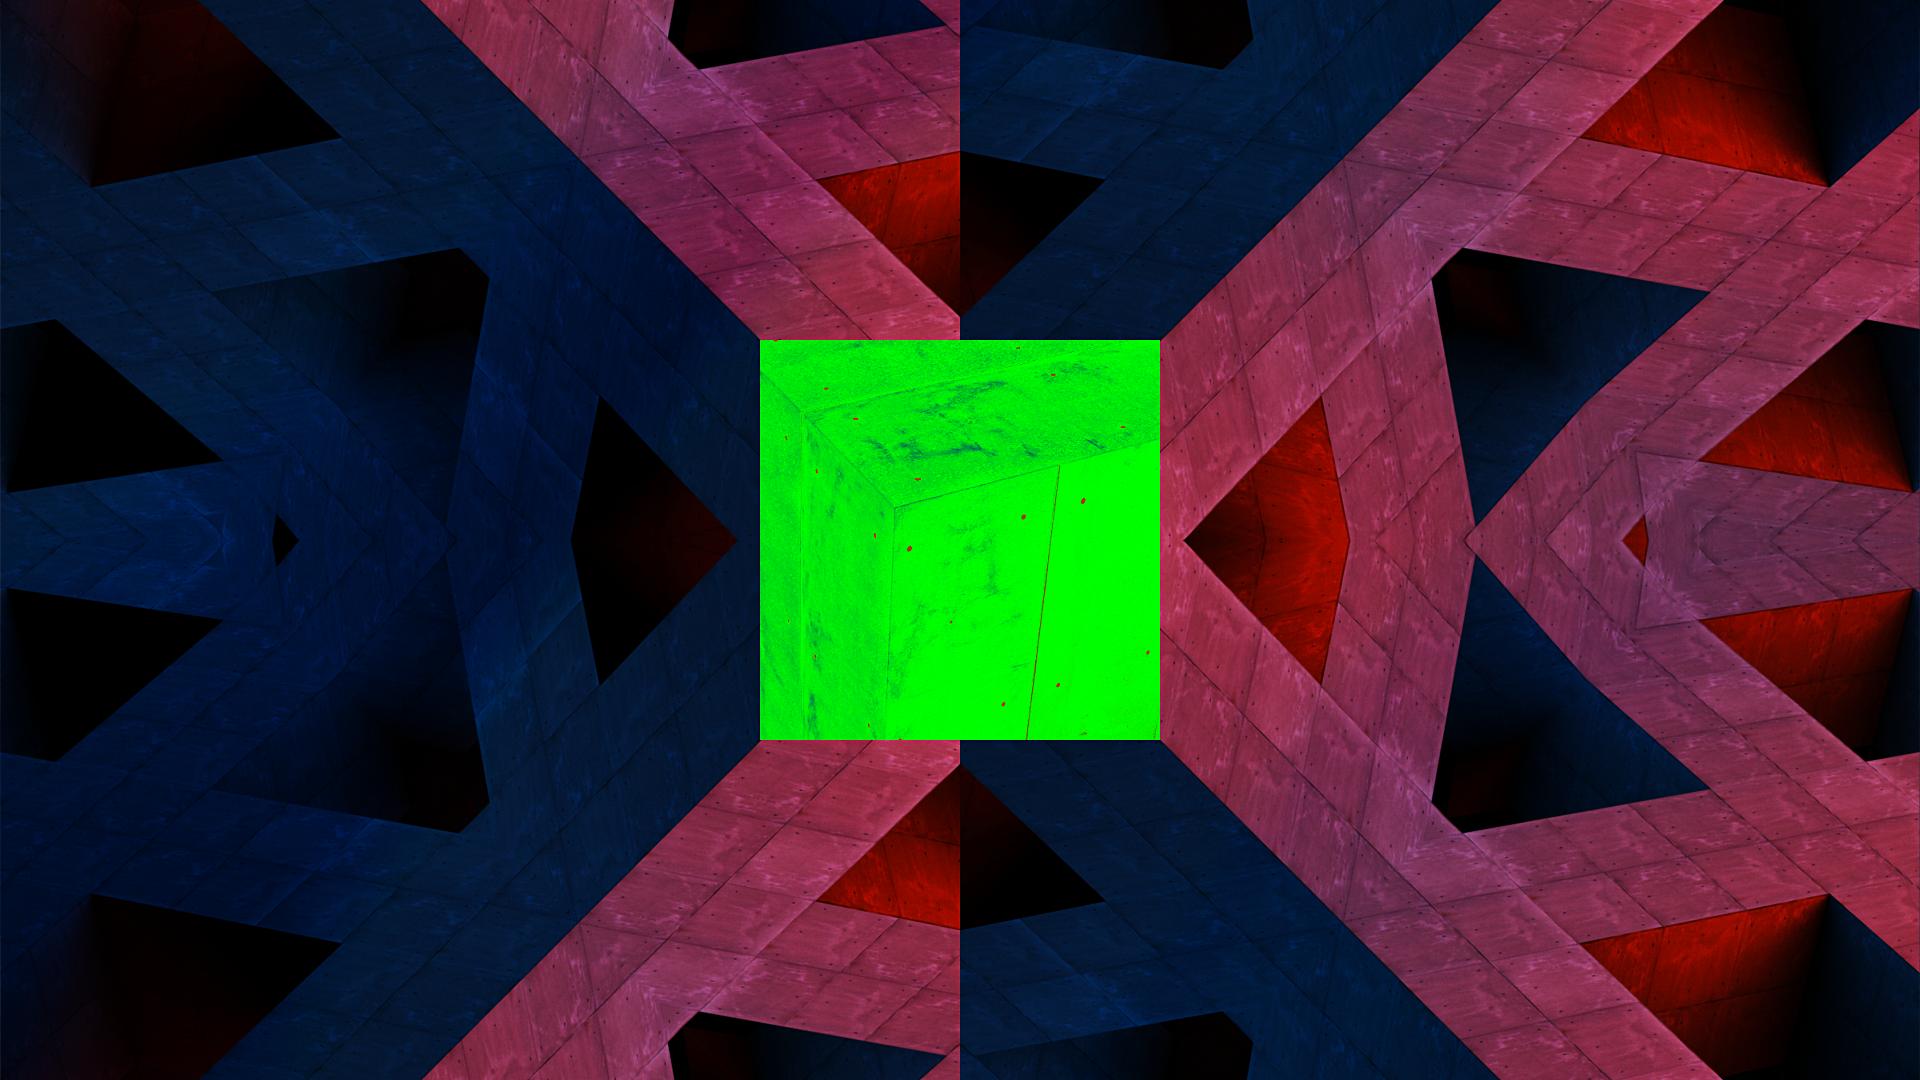 200706-MatrixCube-16x9_00721